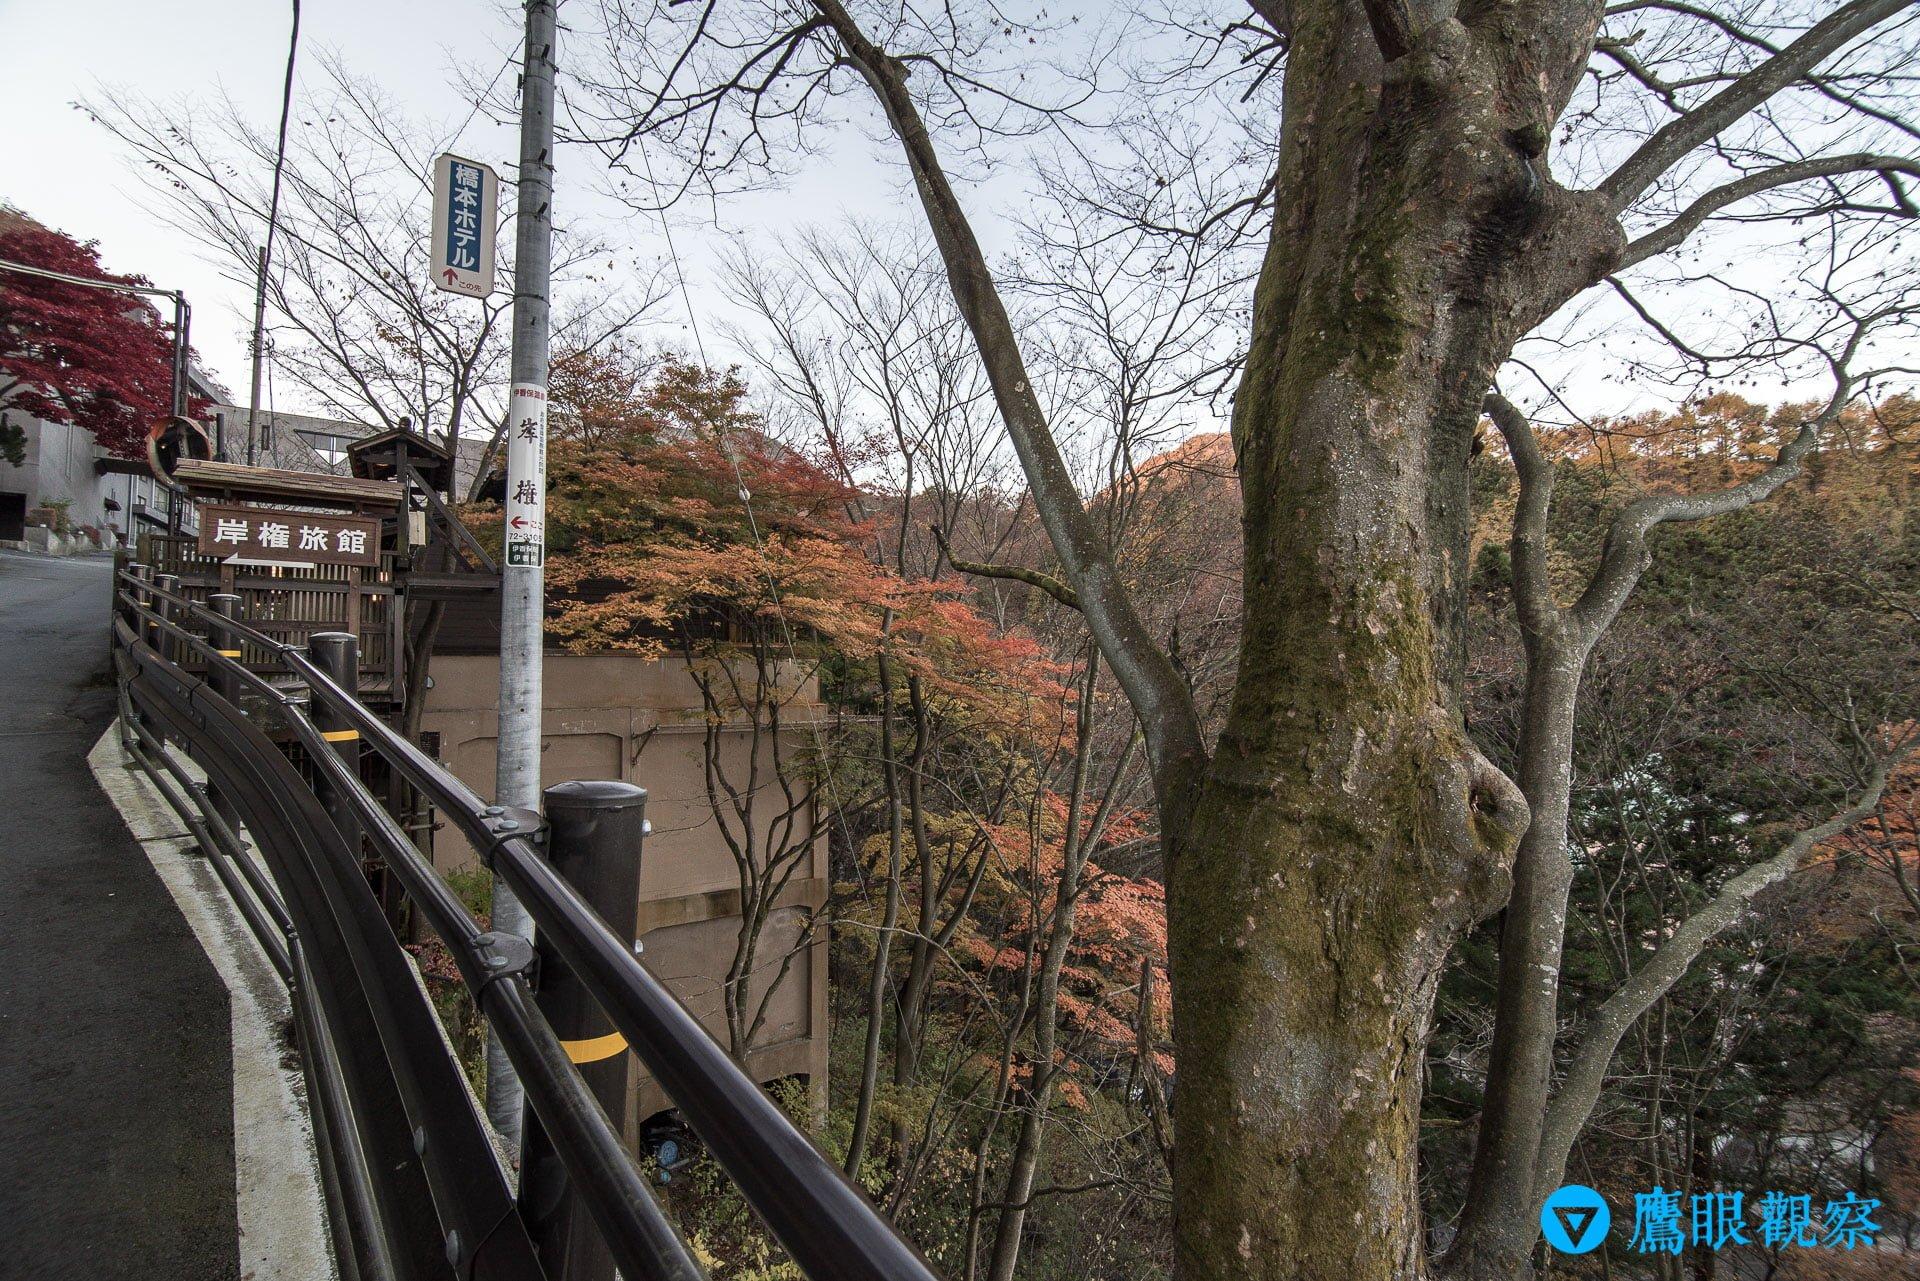 travel Japan gunma kishigon ryokan hotel in izumo spa hot spring 48 群馬縣伊香保溫泉「岸權旅館」日本旅館住宿推薦